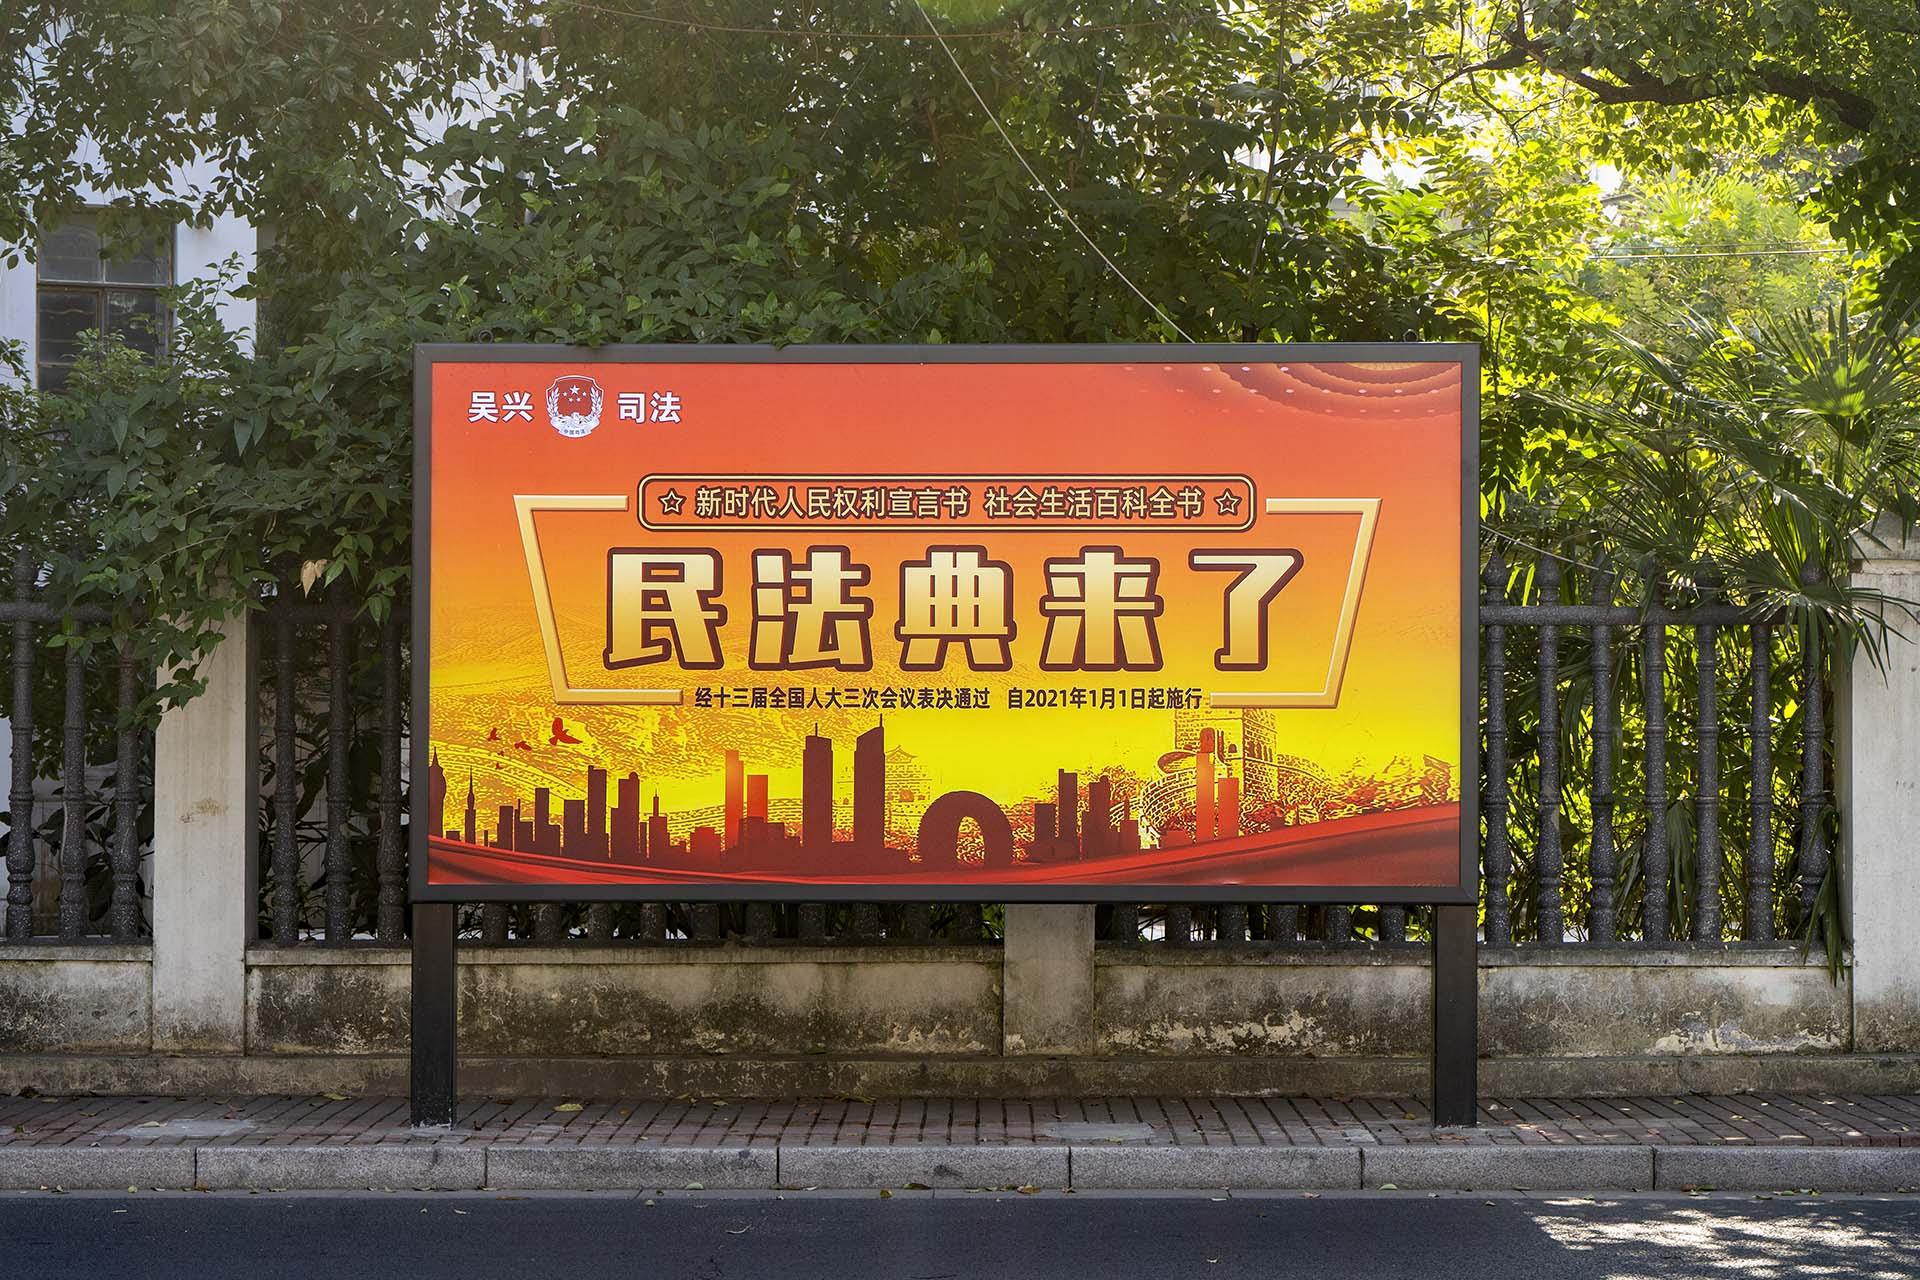 吴兴司法广告投放